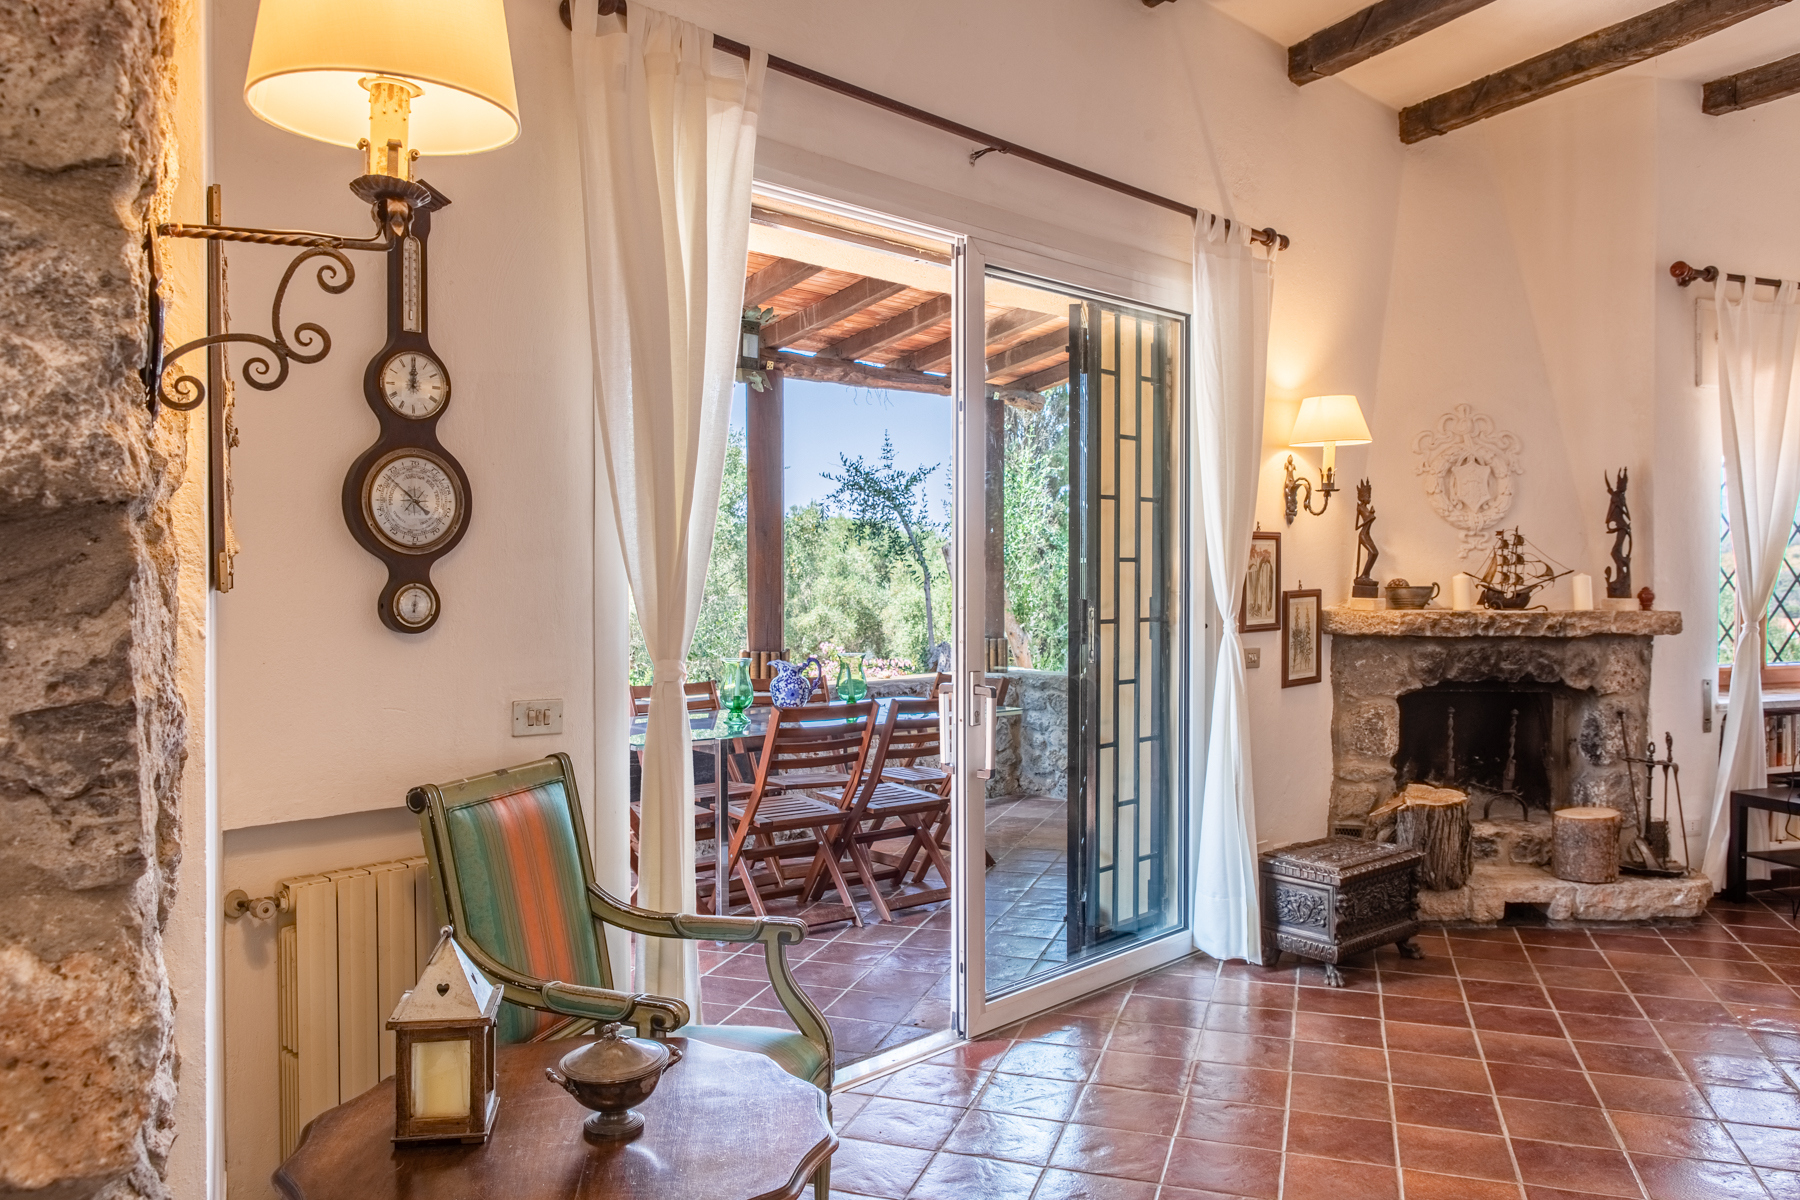 Villa in Vendita a Orbetello: 5 locali, 240 mq - Foto 12